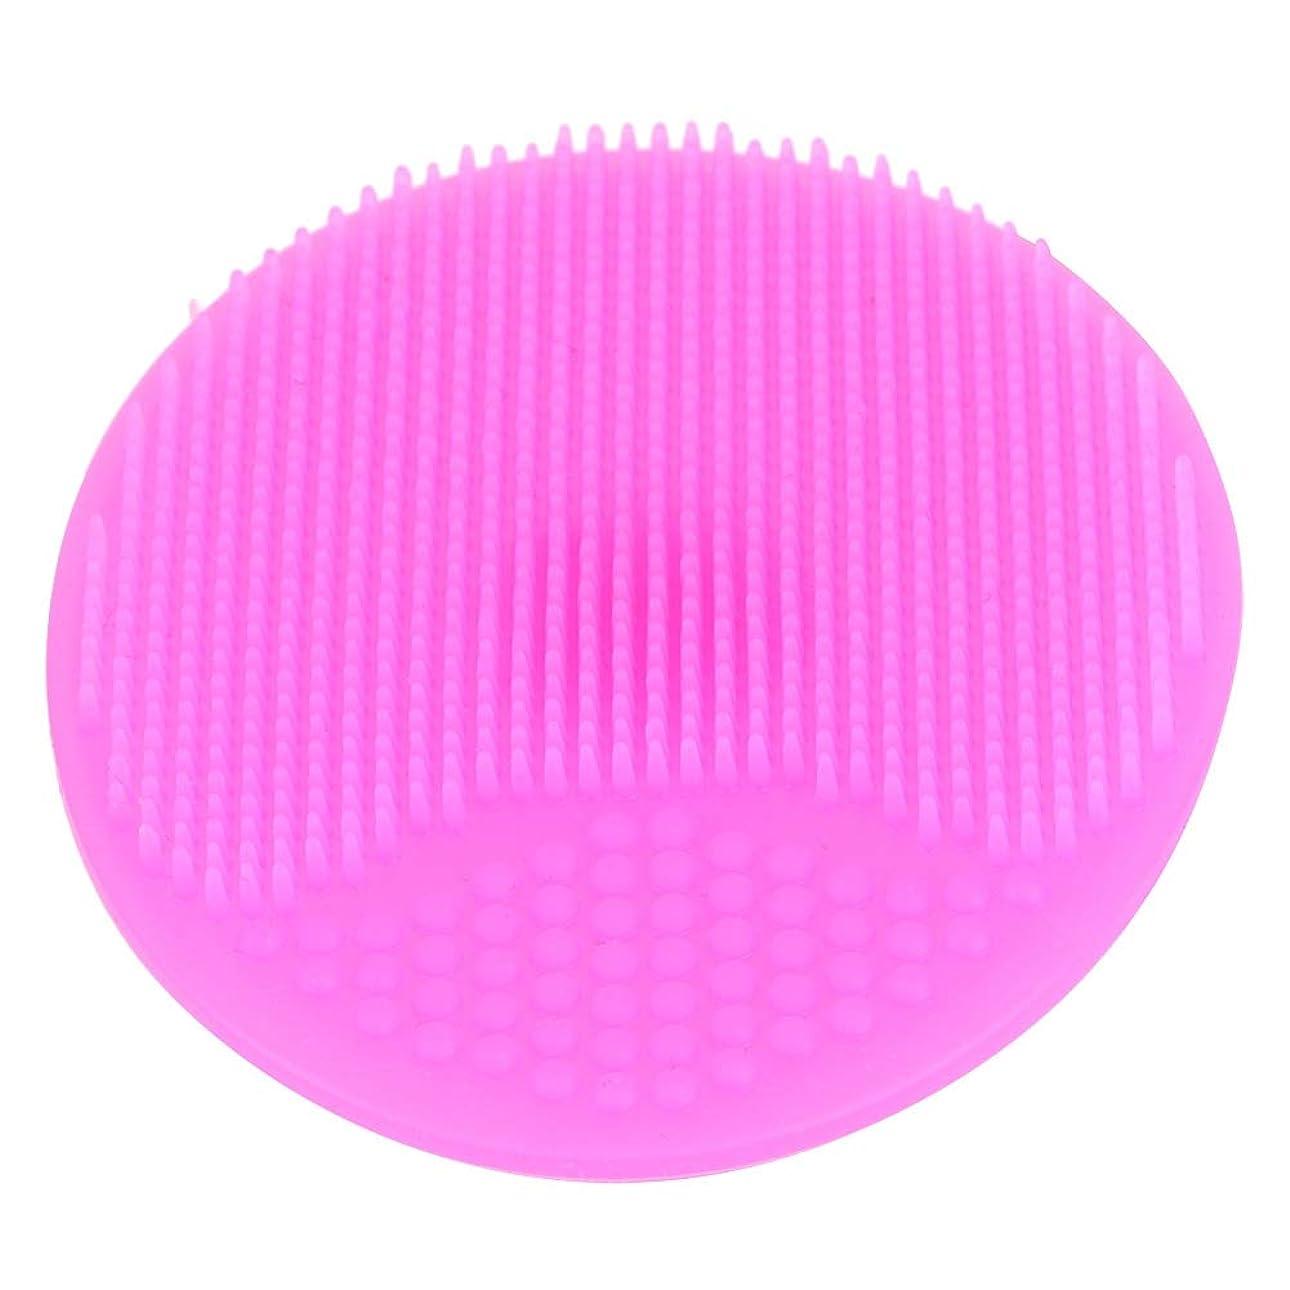 オペレーターチャレンジディーラーTiktok 洗顔ブラシ 洗顔器 手動 柔らか 洗顔用フェイスブラシ 角質除去 毛穴ケア アンチエイジング 男女兼用